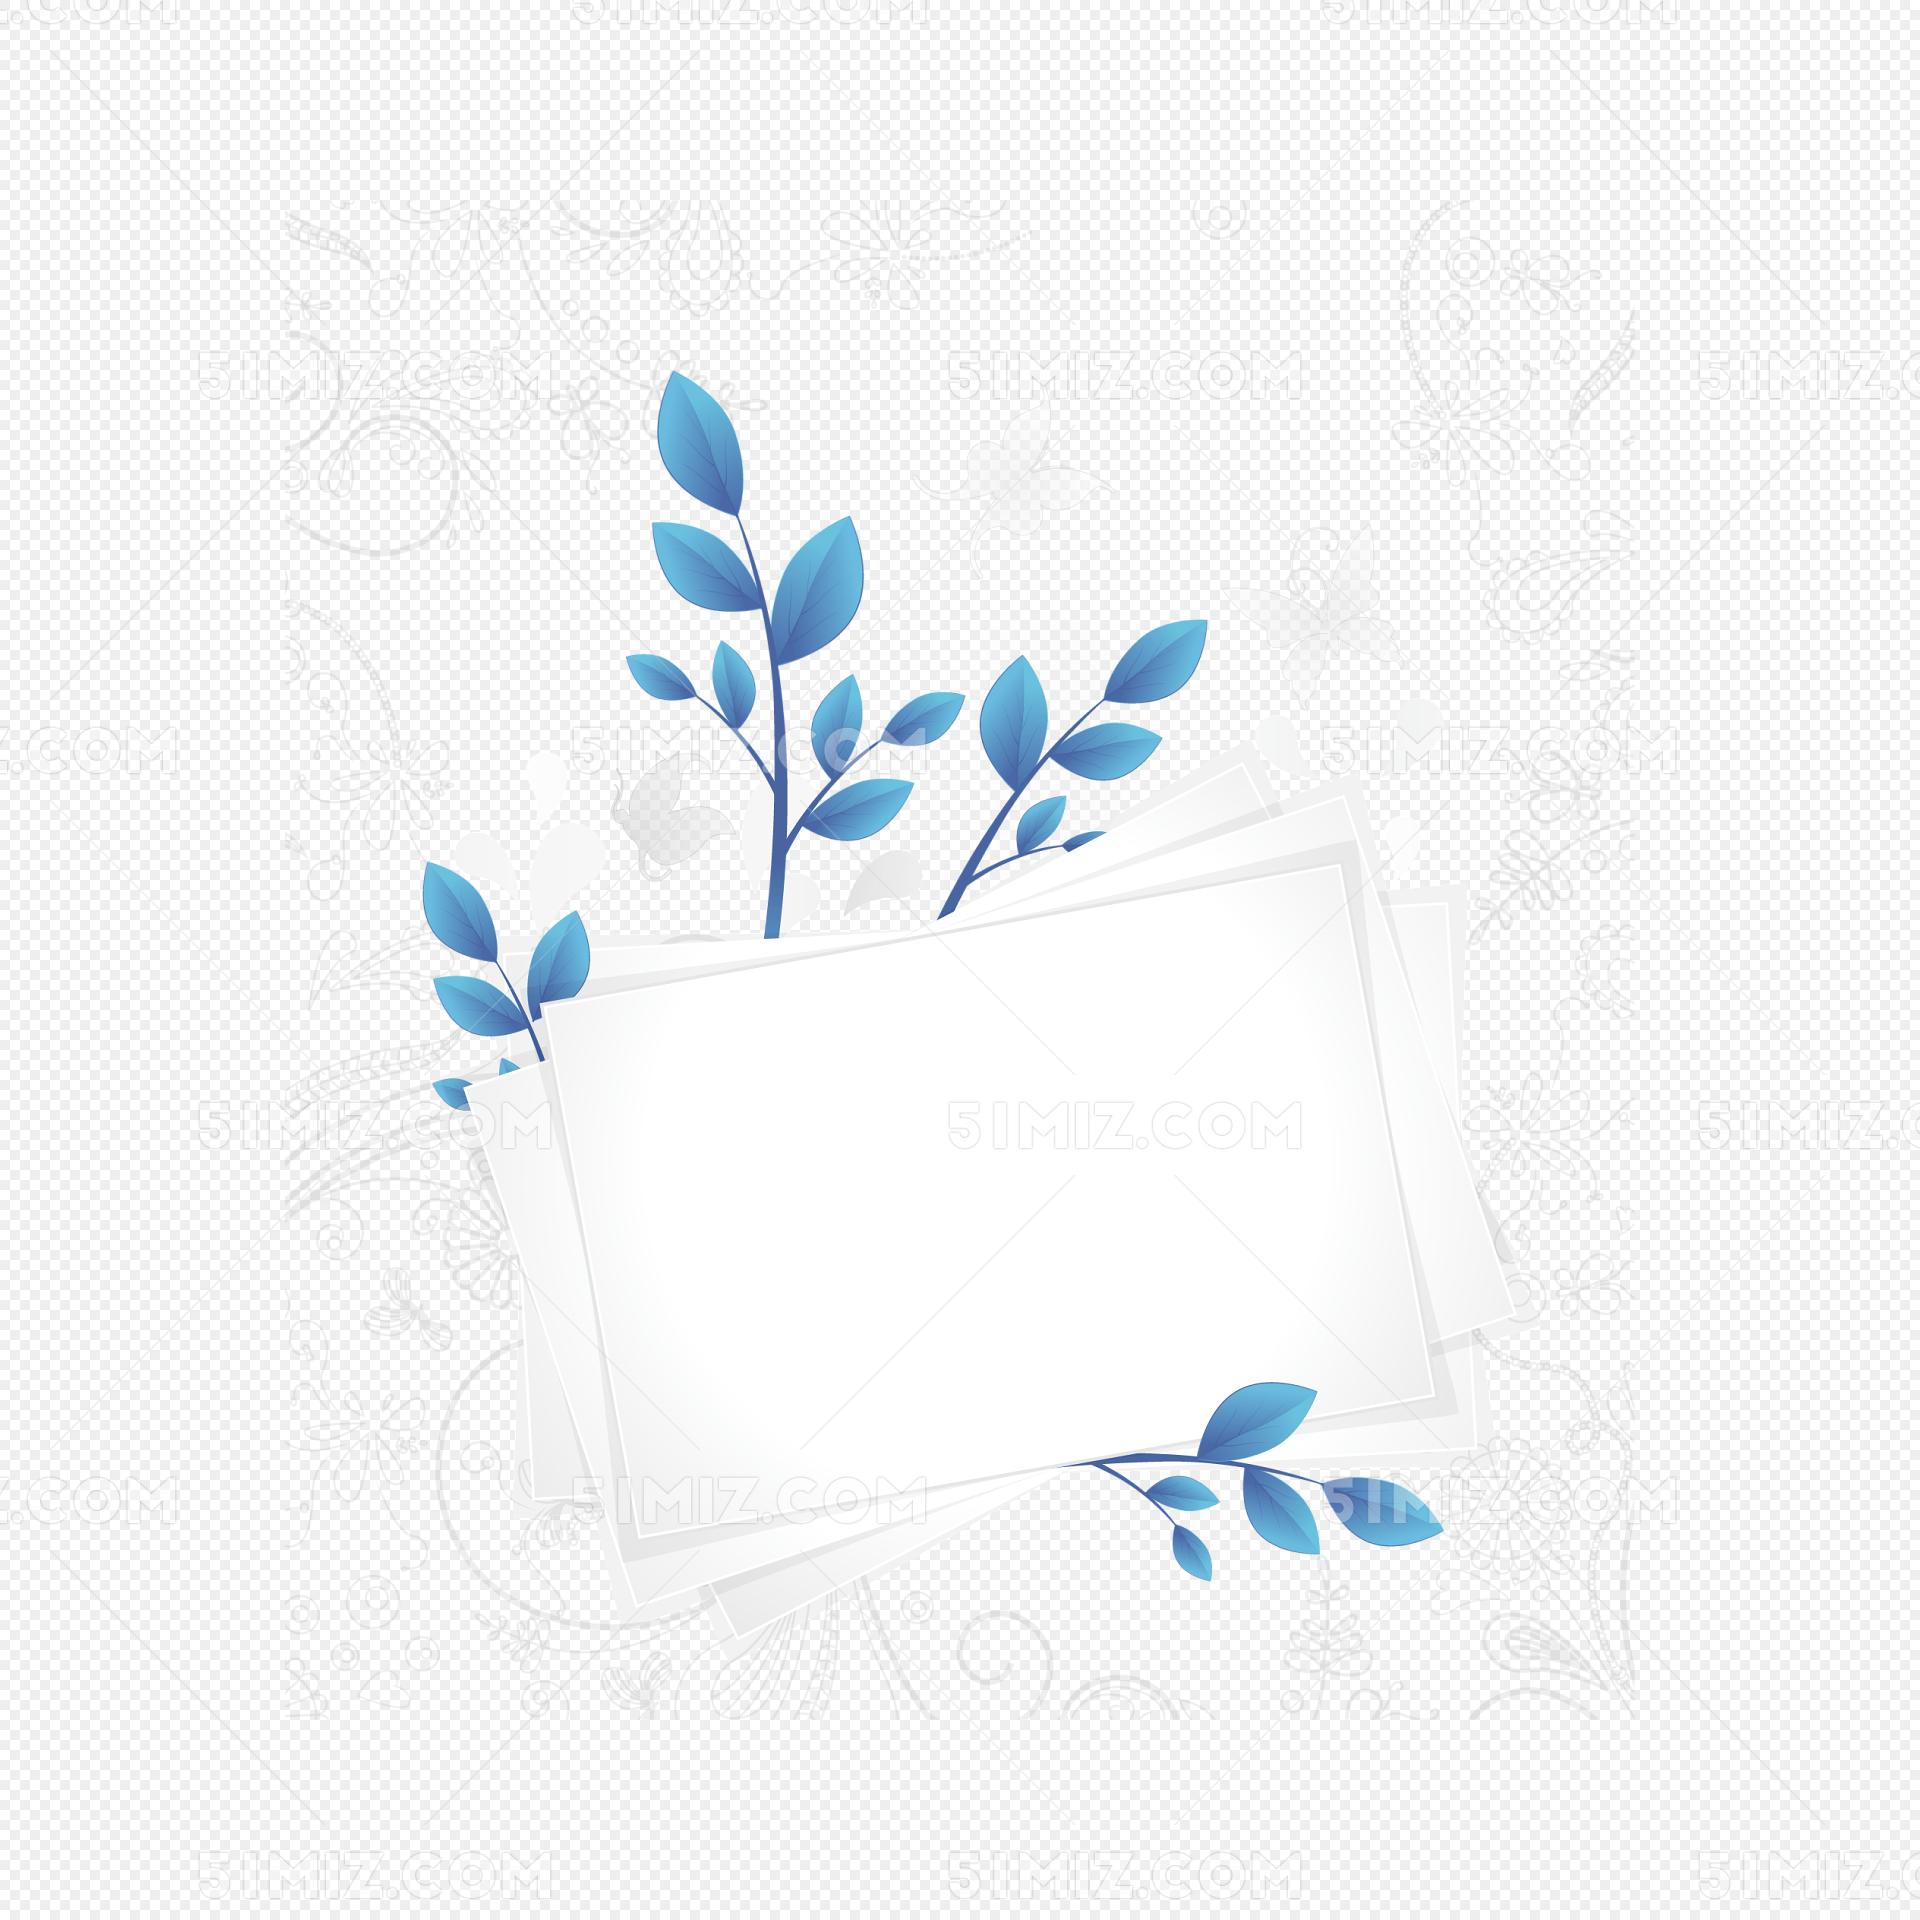 文字边框淡雅花纹树叶边框装饰矢量图